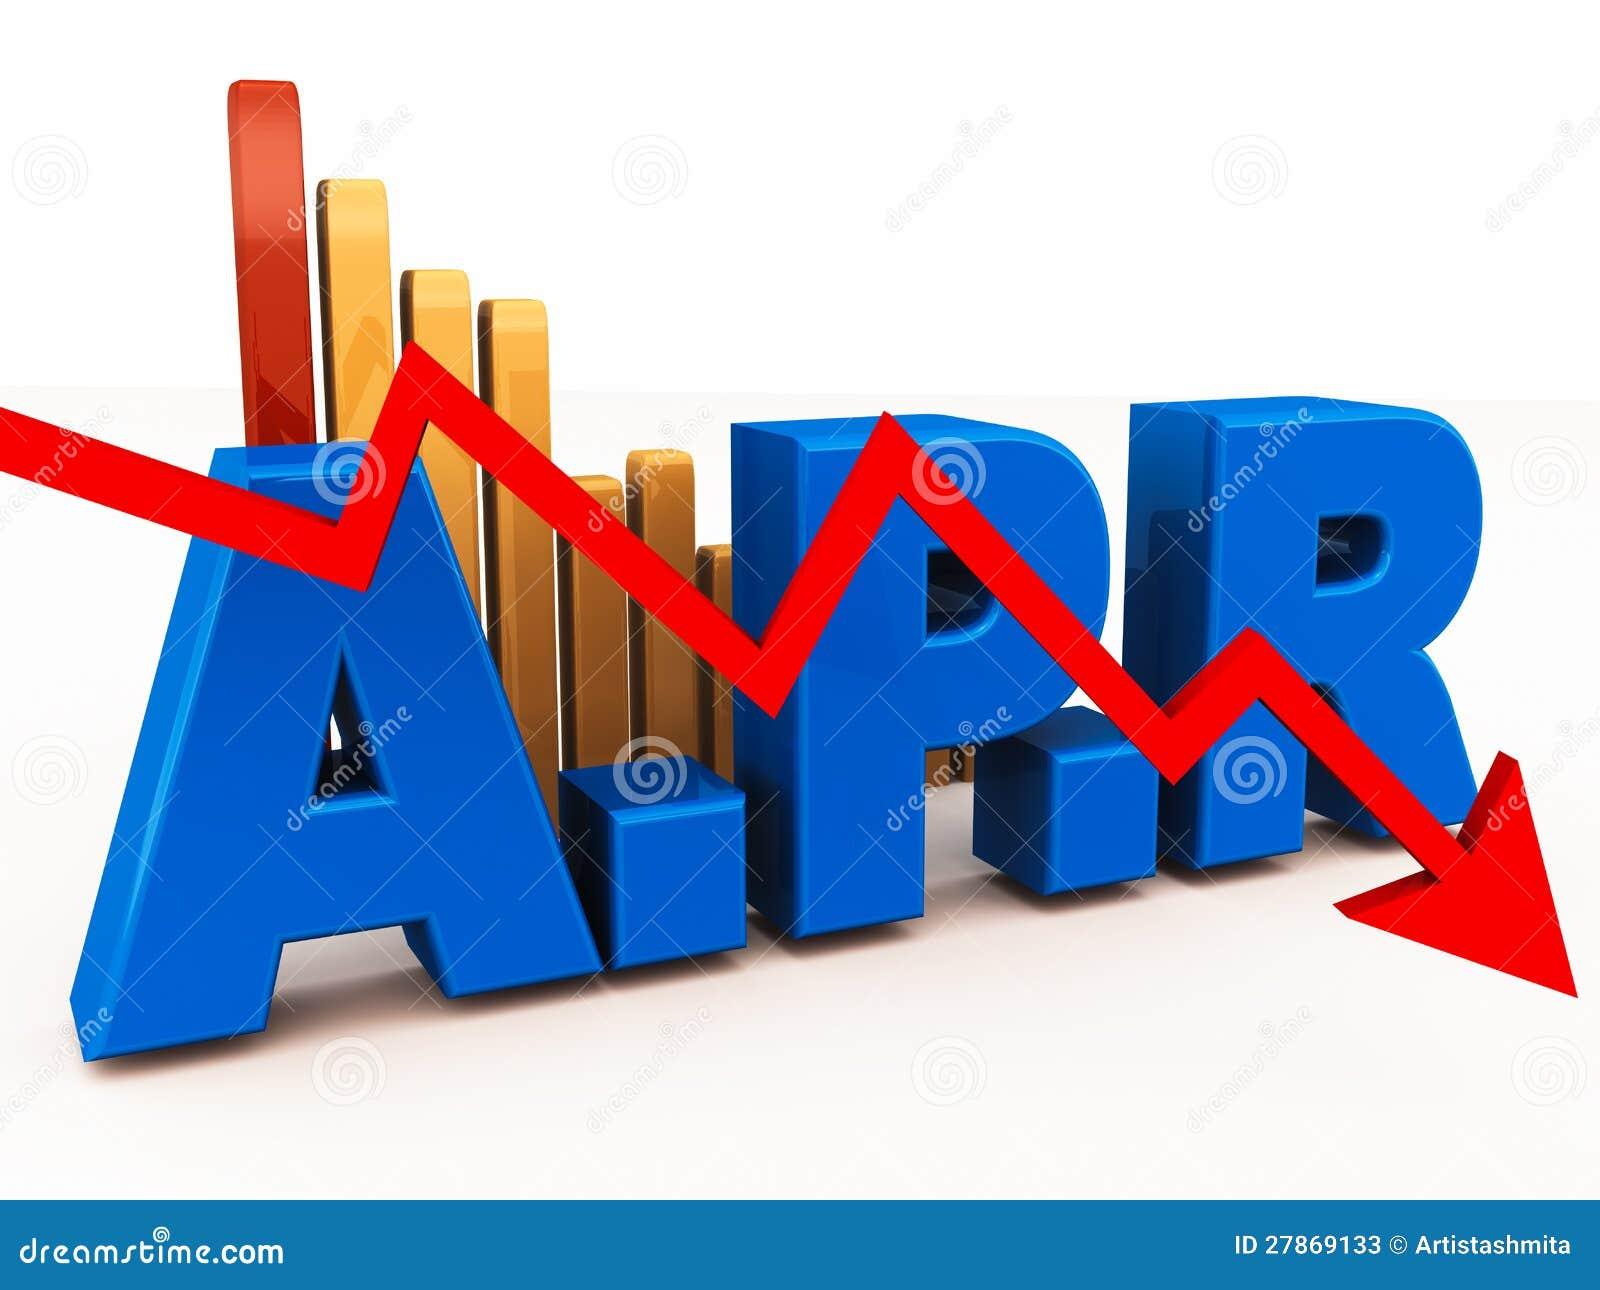 Tarifa de porcentaje anual